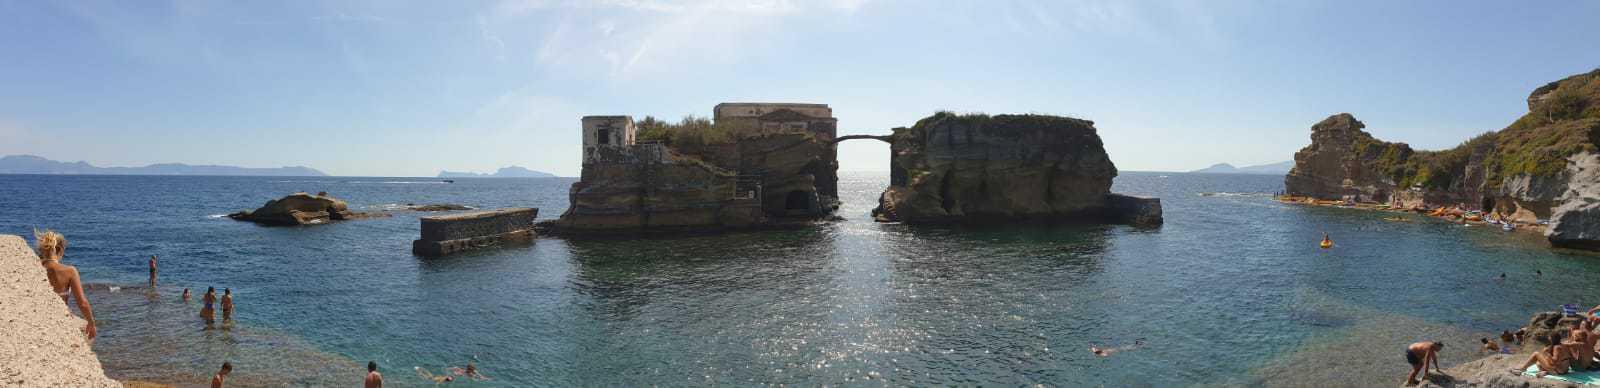 la spiaggia e il parco sommerso della Gaiola di Napoli, un'area marina potretta